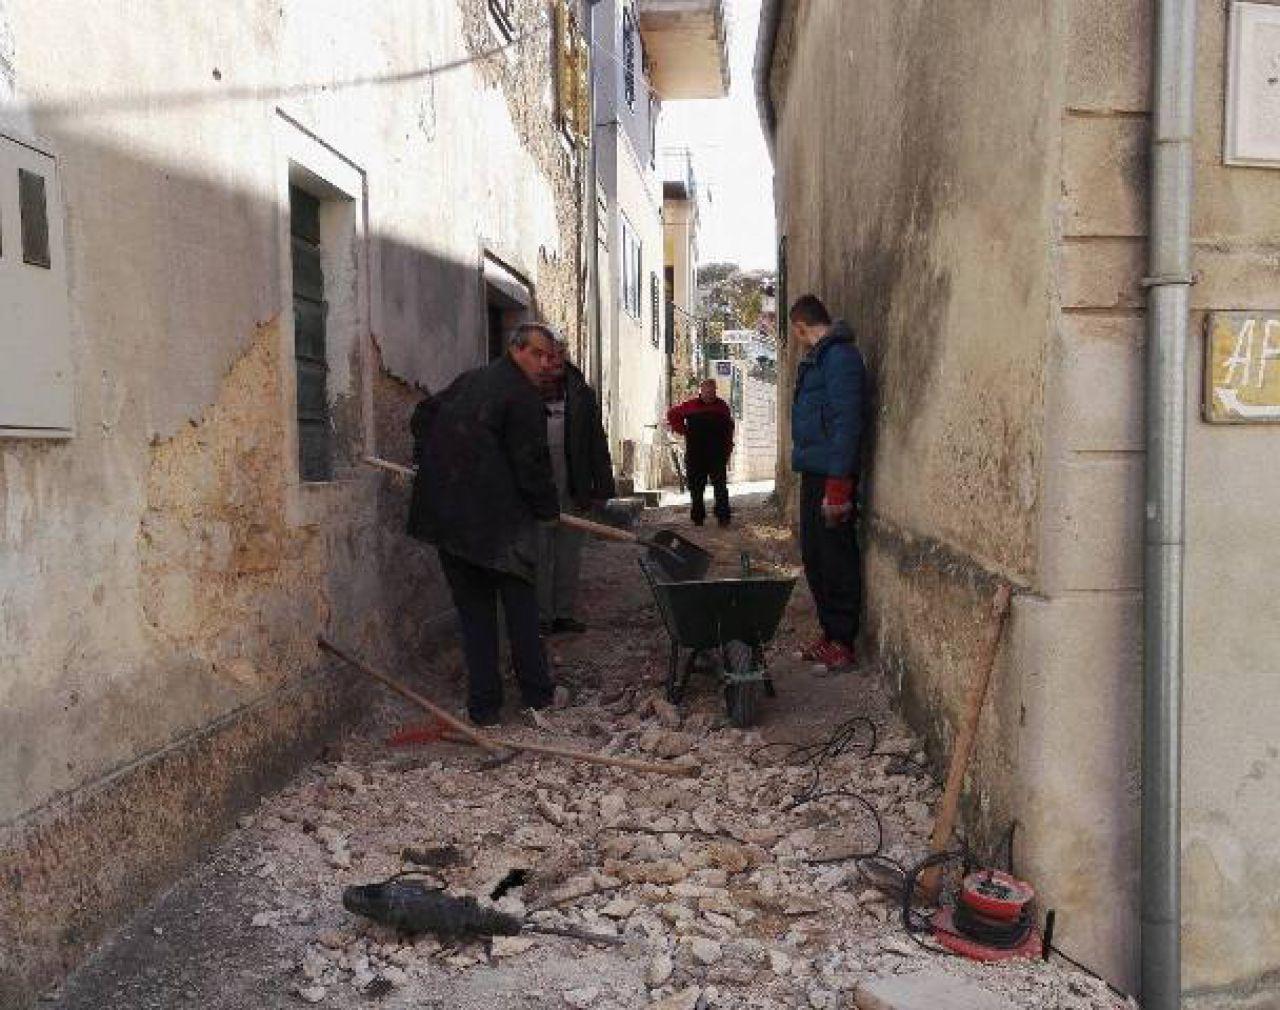 Radovi u tijeku: Uređuje se još jedna ulica u Skradinu